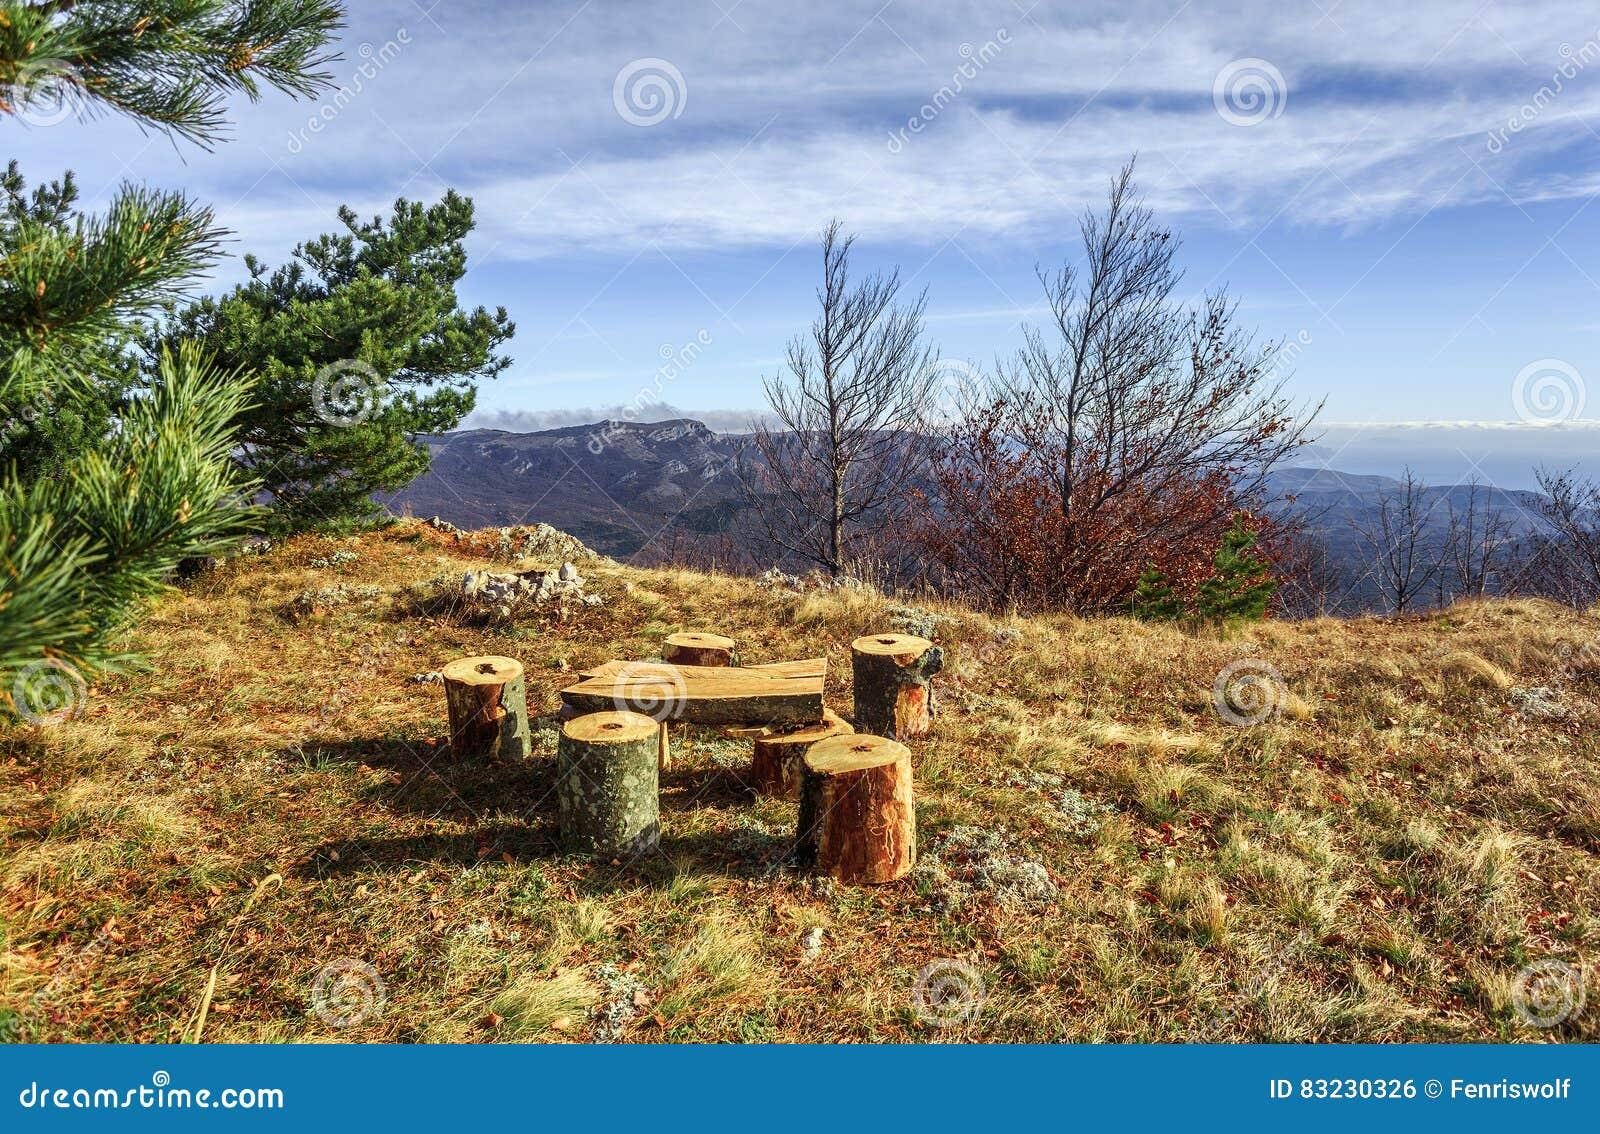 Houten banken, lijst en vuurplaats op de open plek dichtbij pijnboom RT